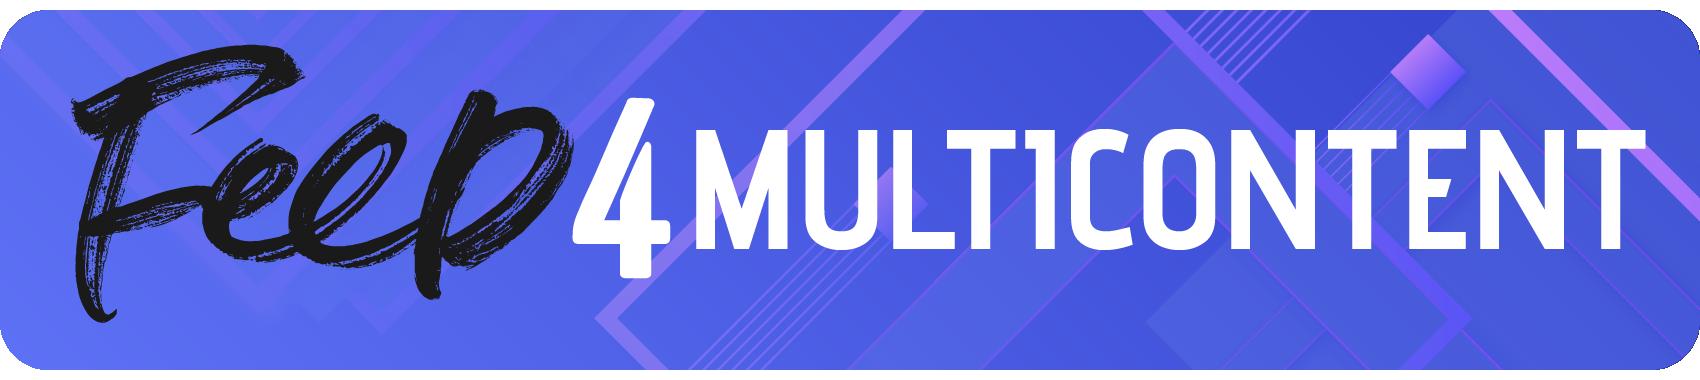 Feed4MultiContentWidget